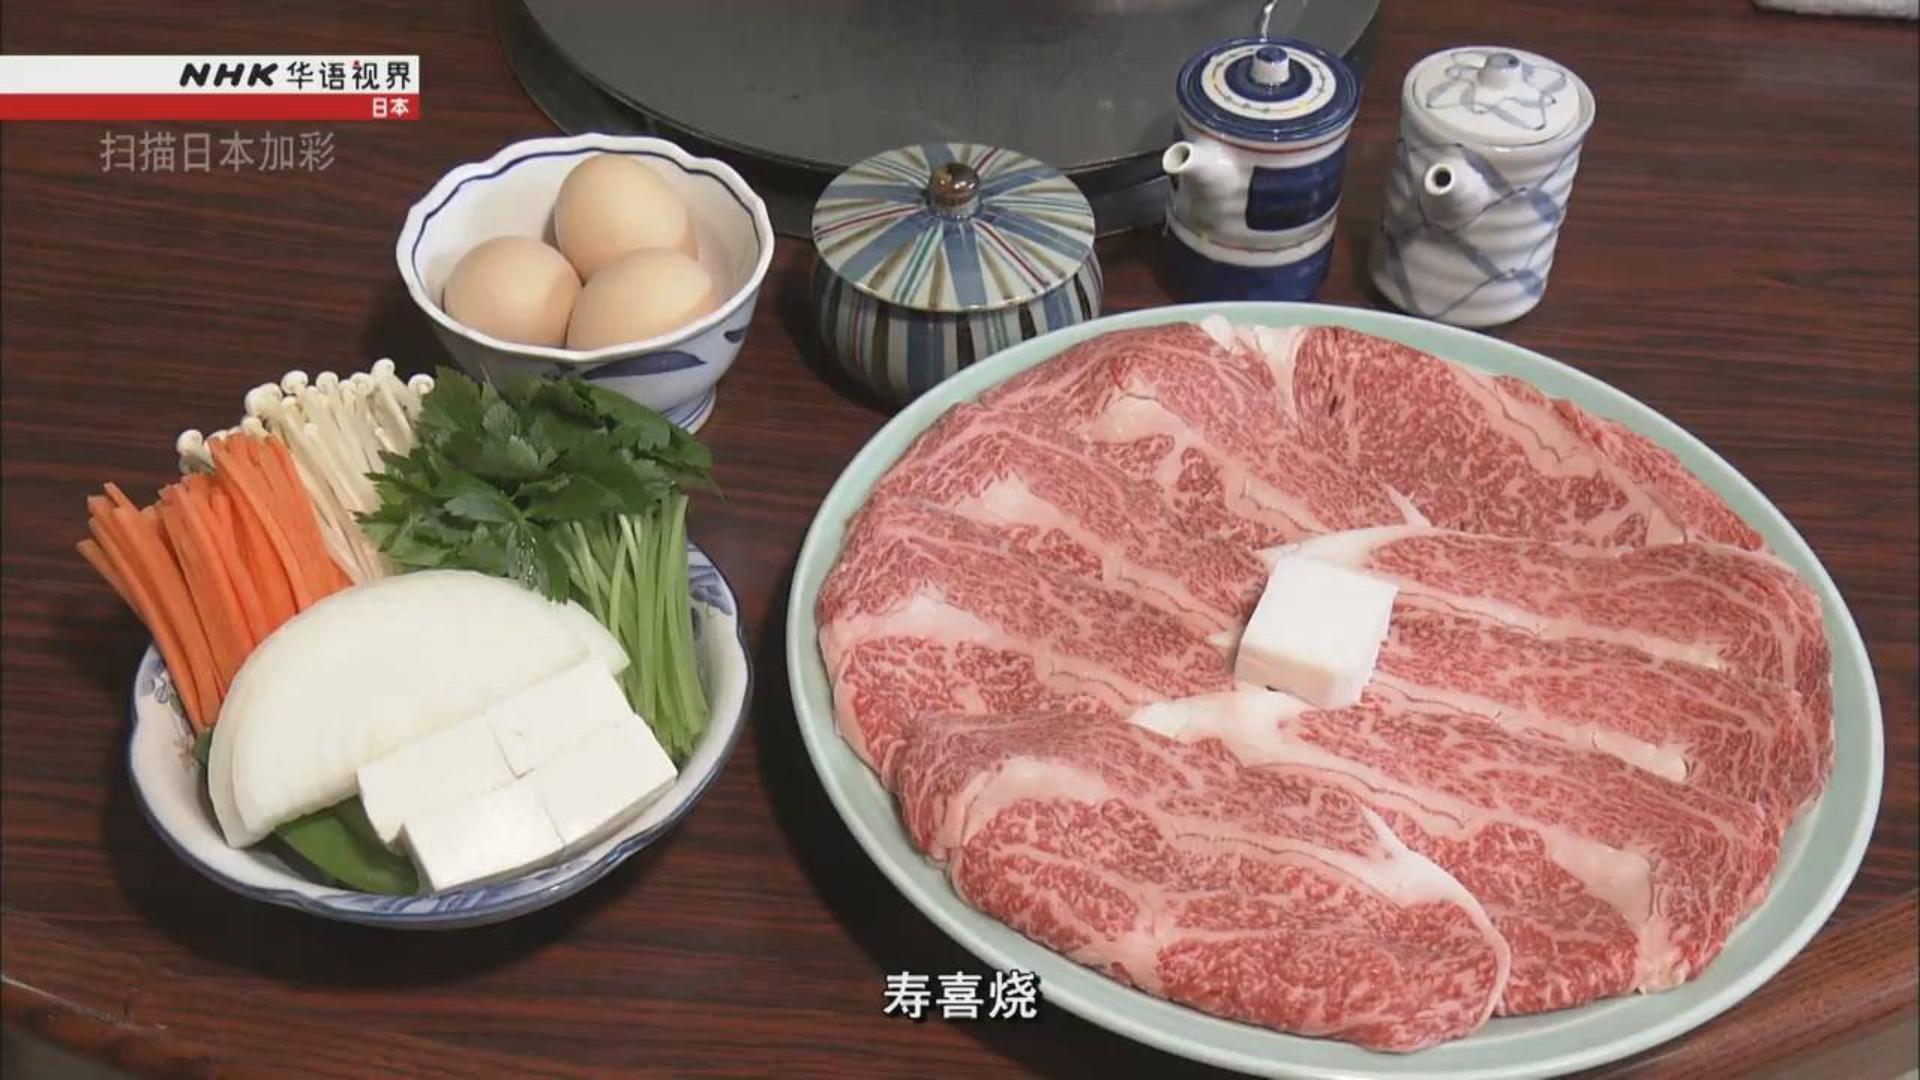 纪录片.NHK.扫描日本加彩:肉食文化.2019[中文英文双版本]